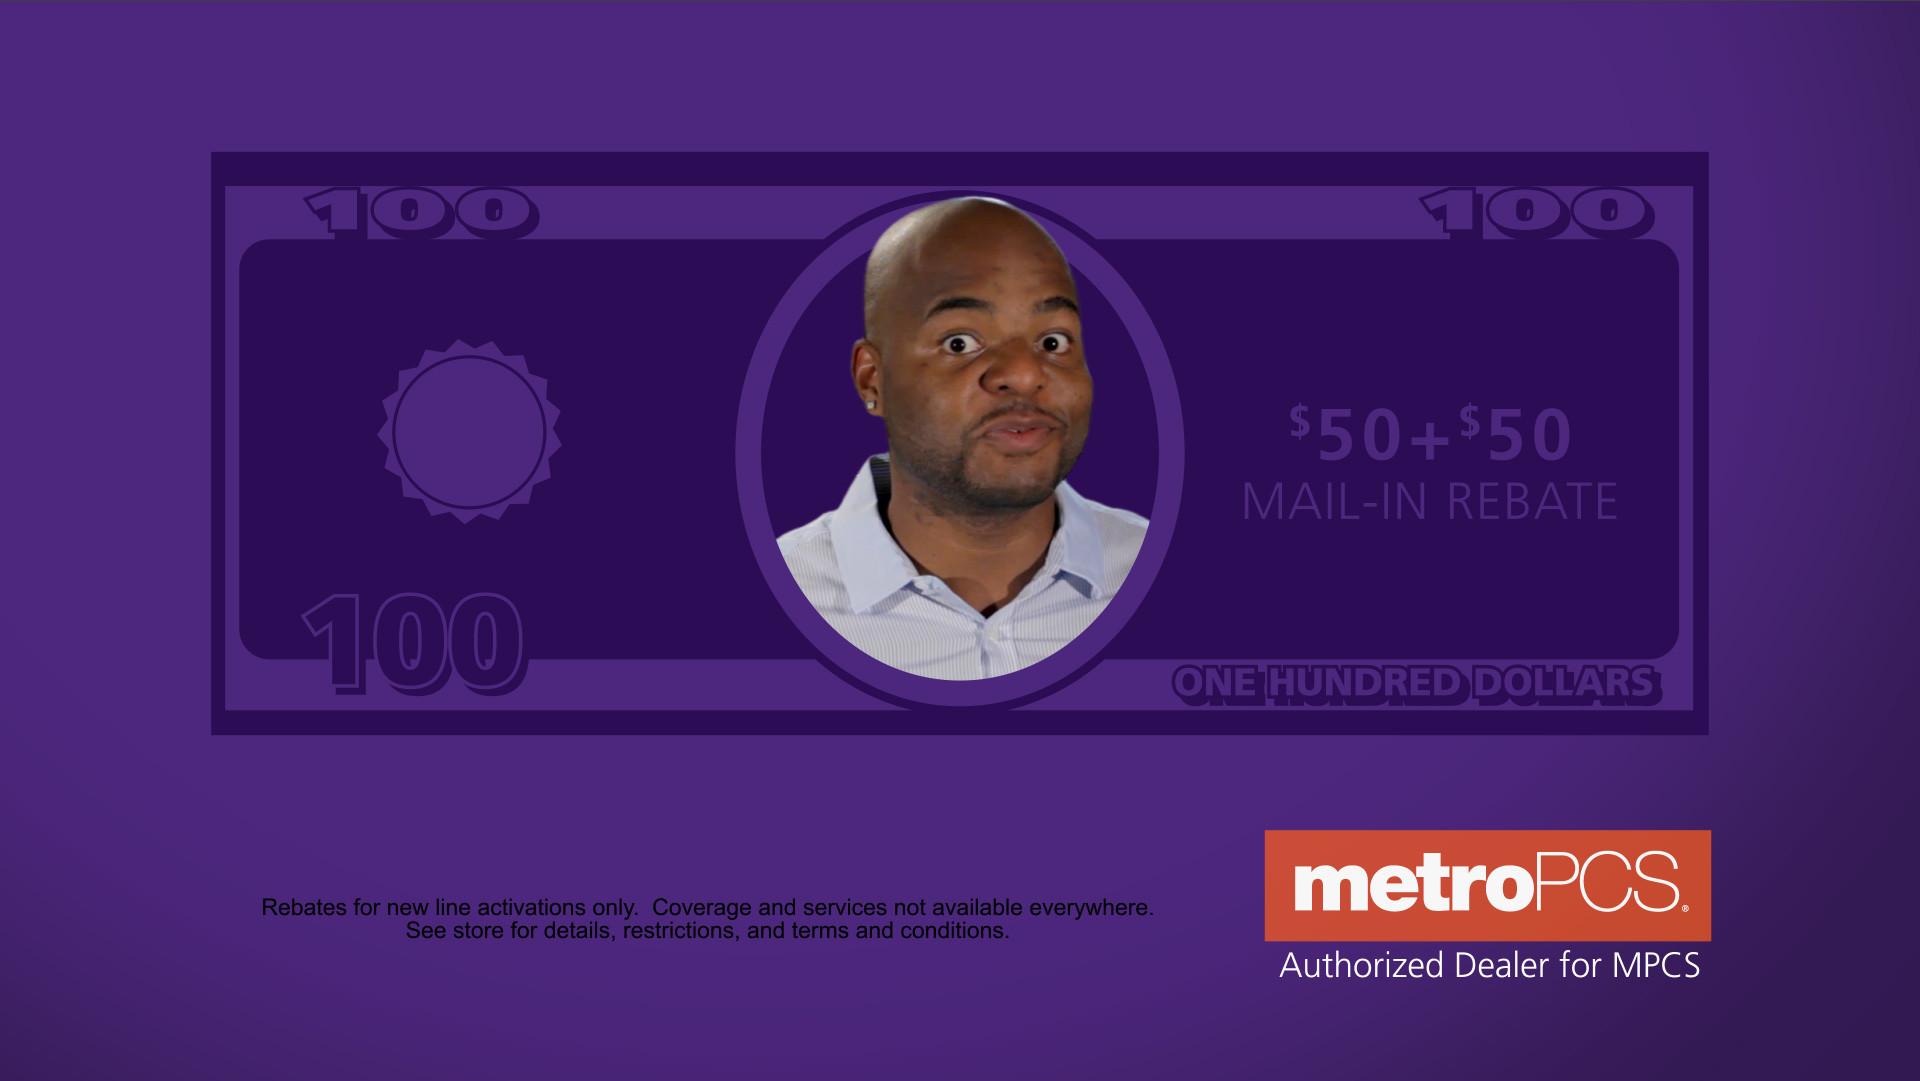 MetroPCS_003